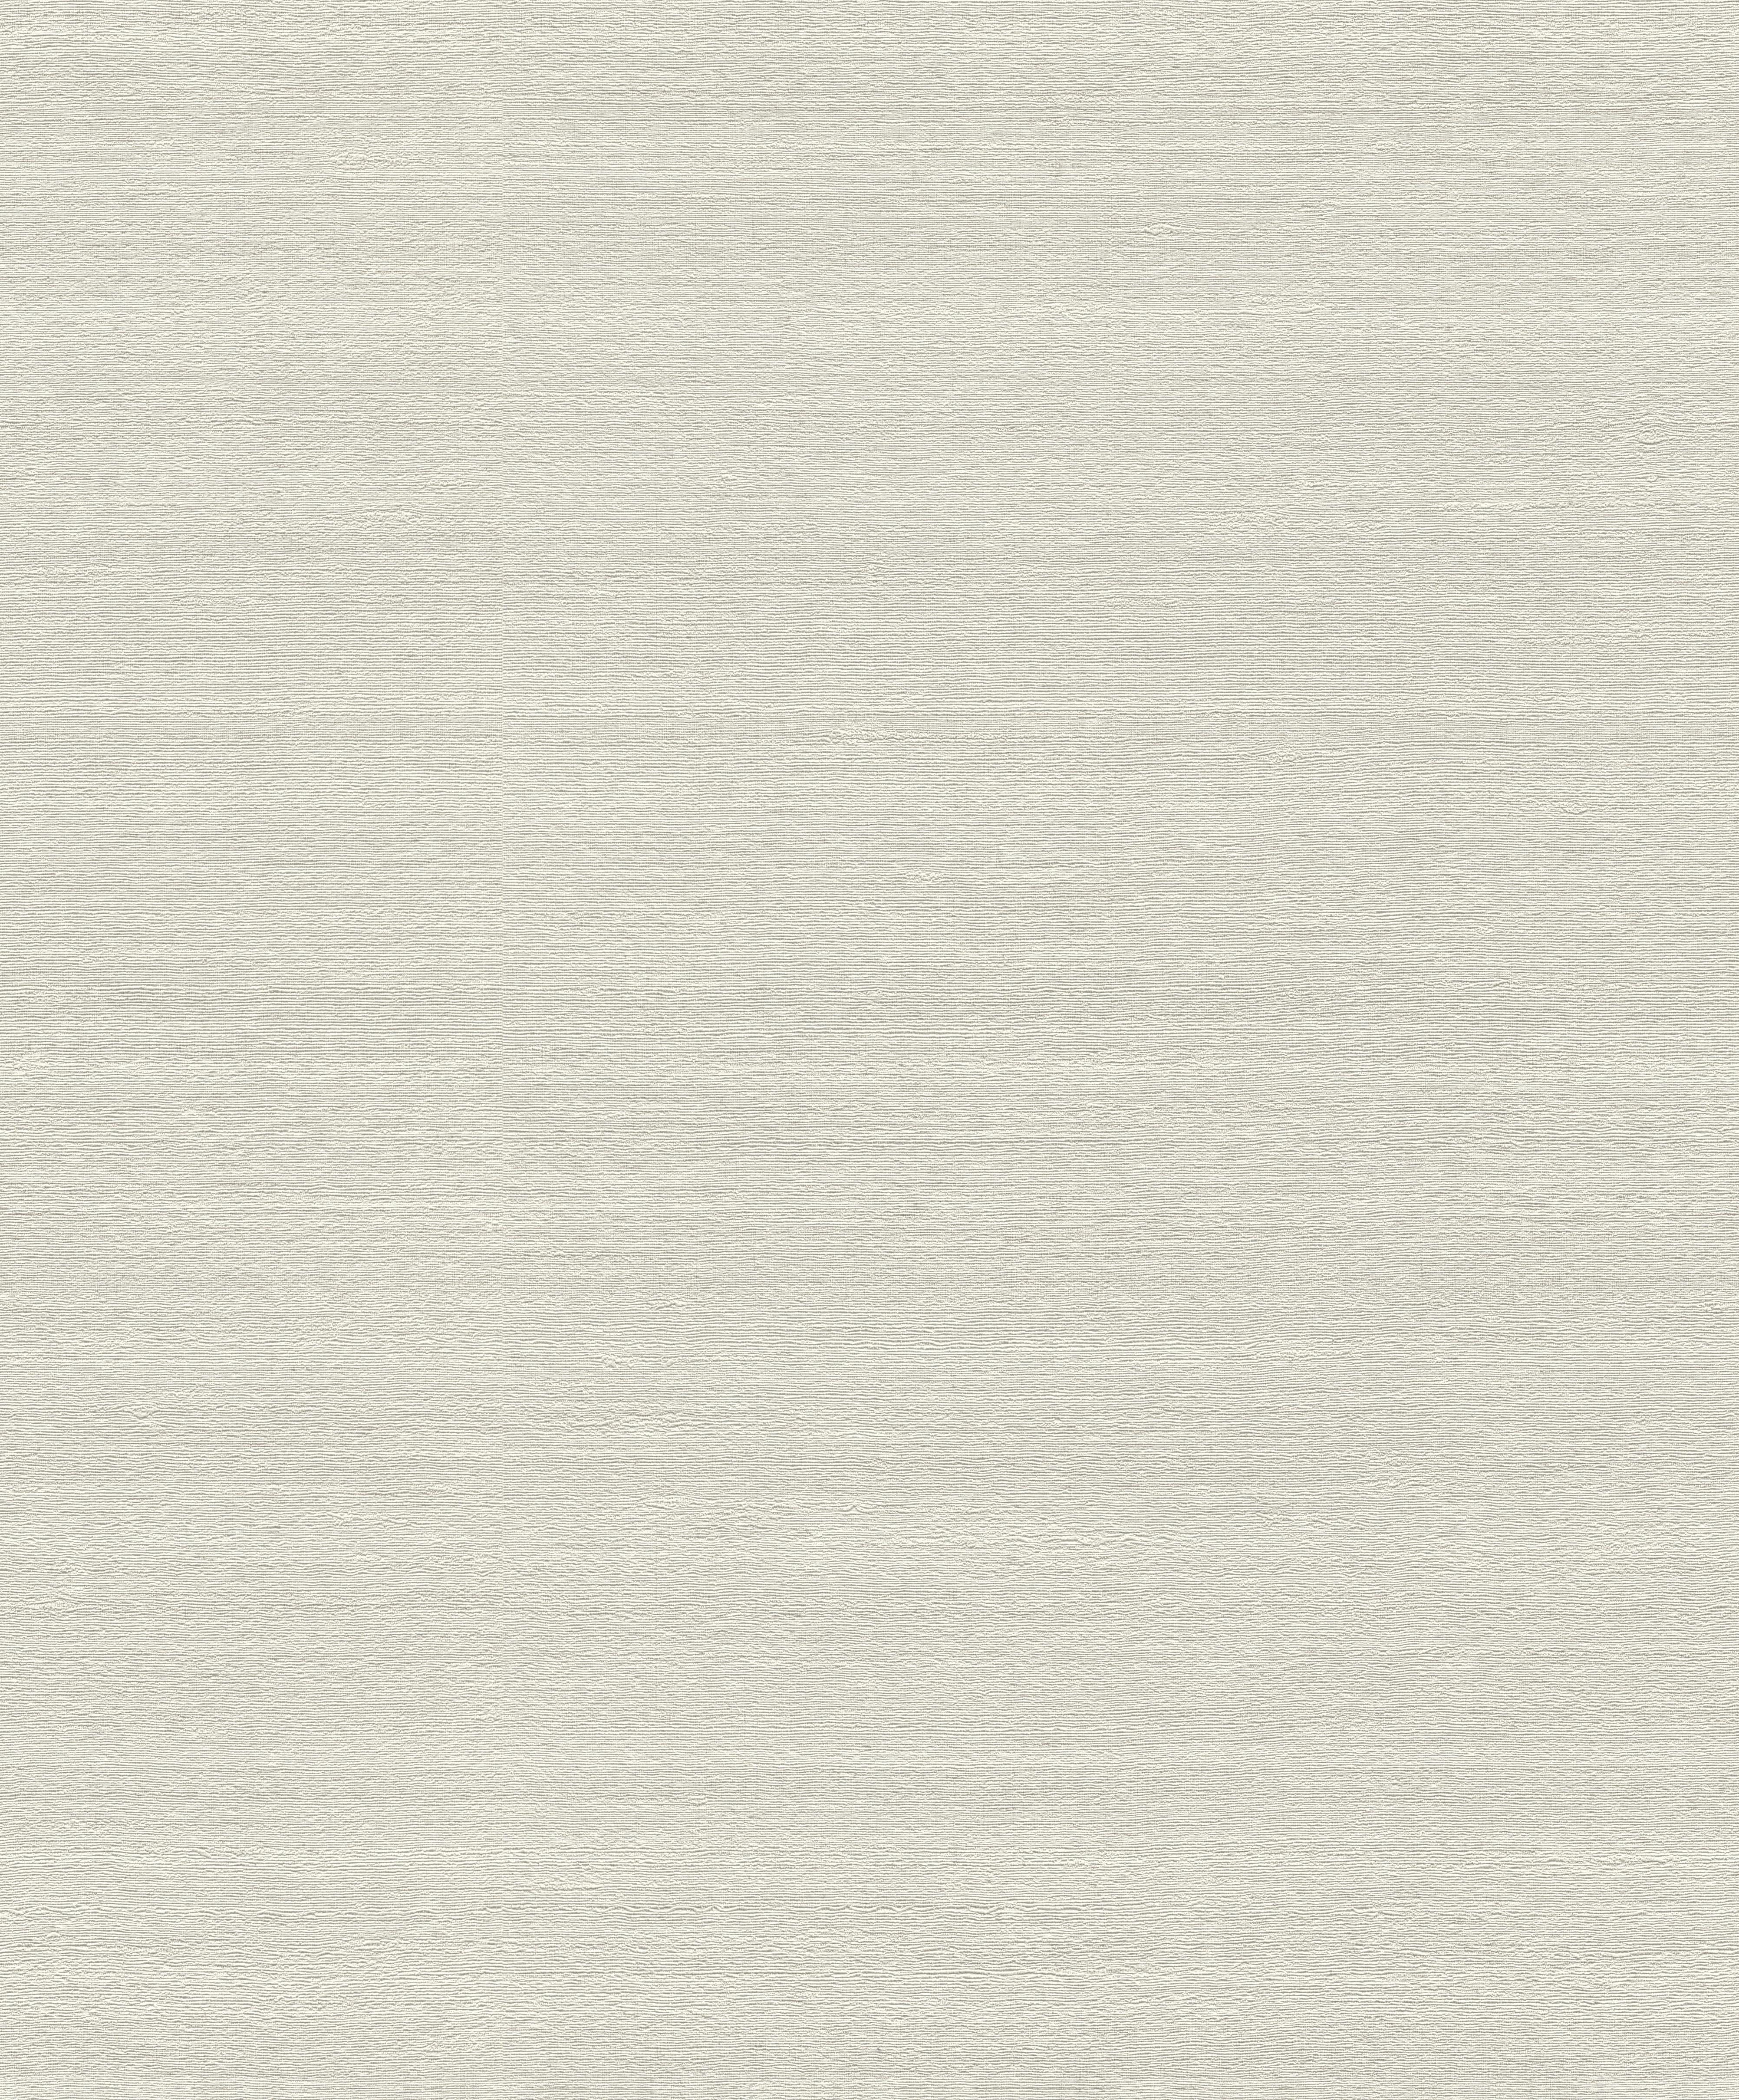 Világosszürke szövethatású tapéta